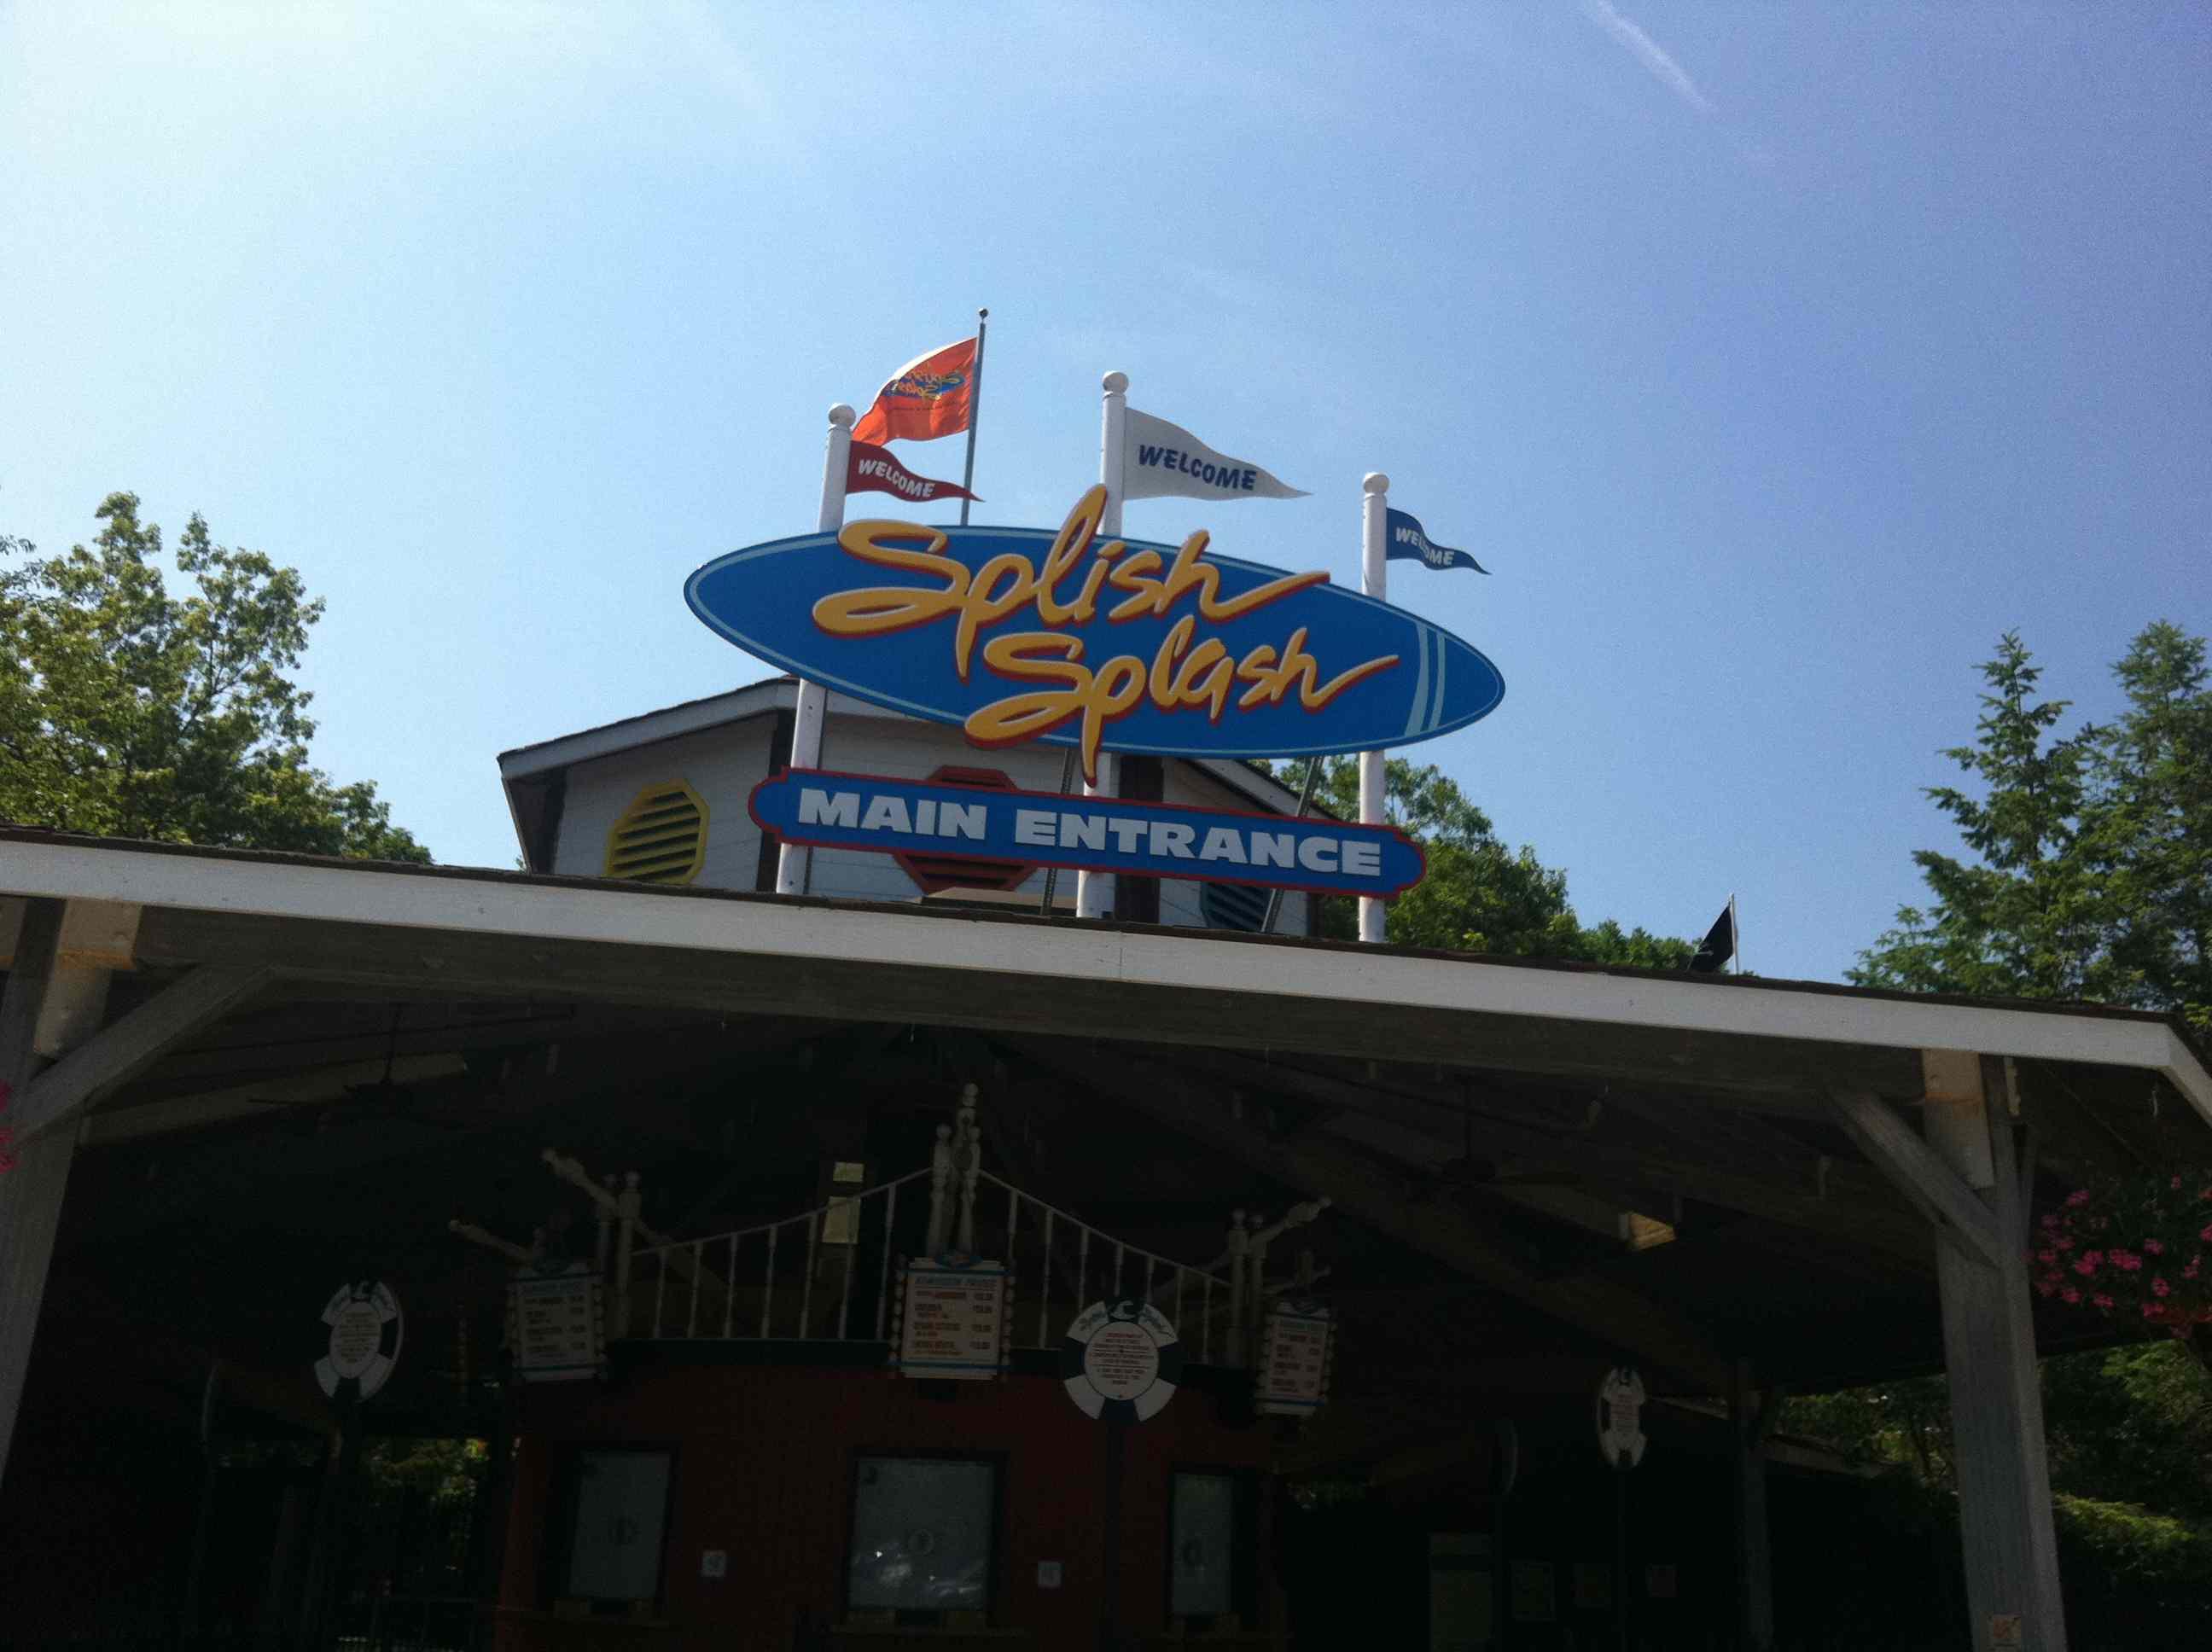 Entrance of the Splish Splash Water Park in New York.